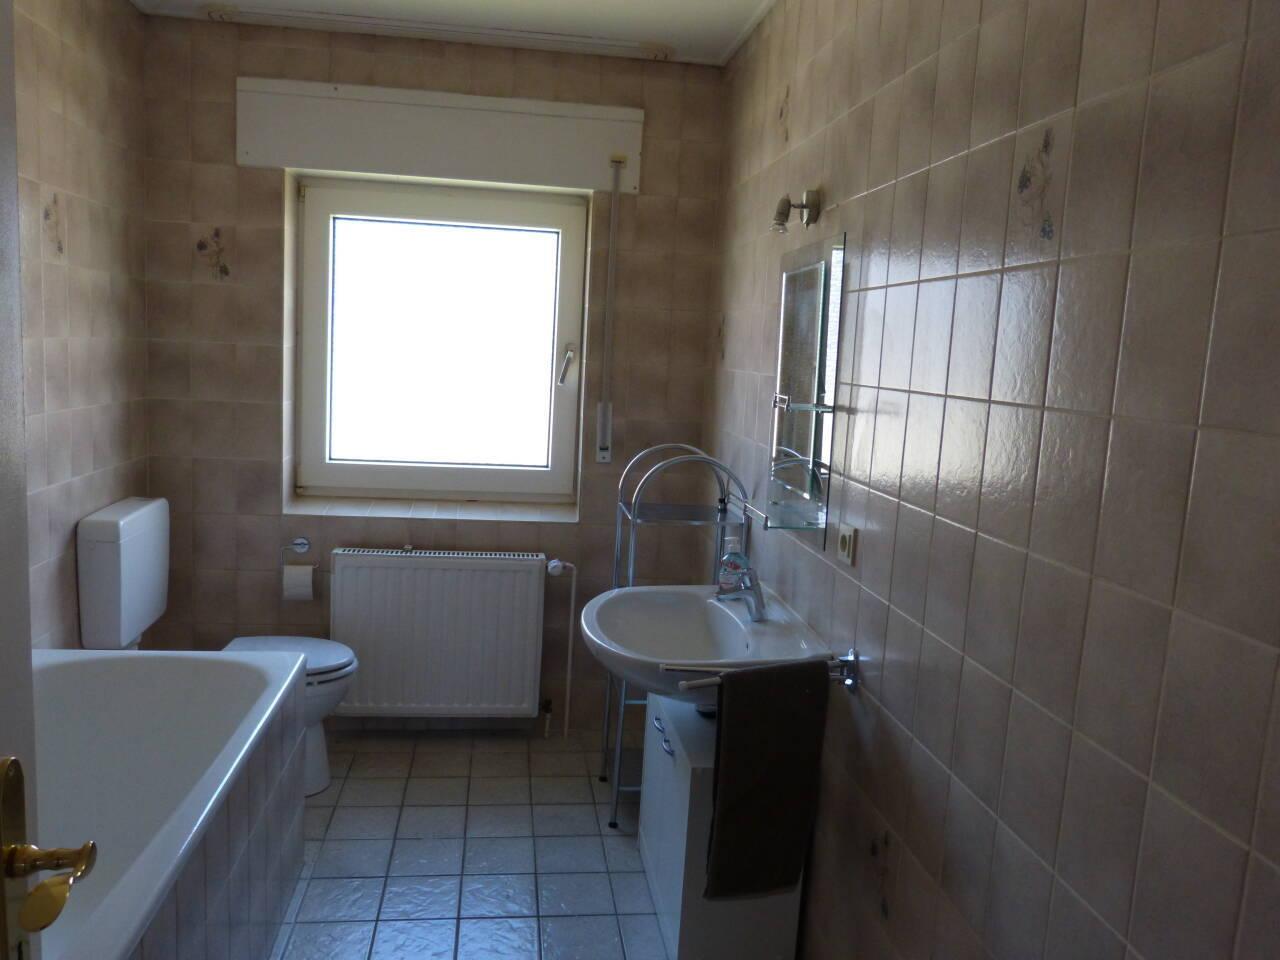 Das Badezimmer ist mit Toilette, Waschtisch, Badewanne und Dusche ausgestattet.